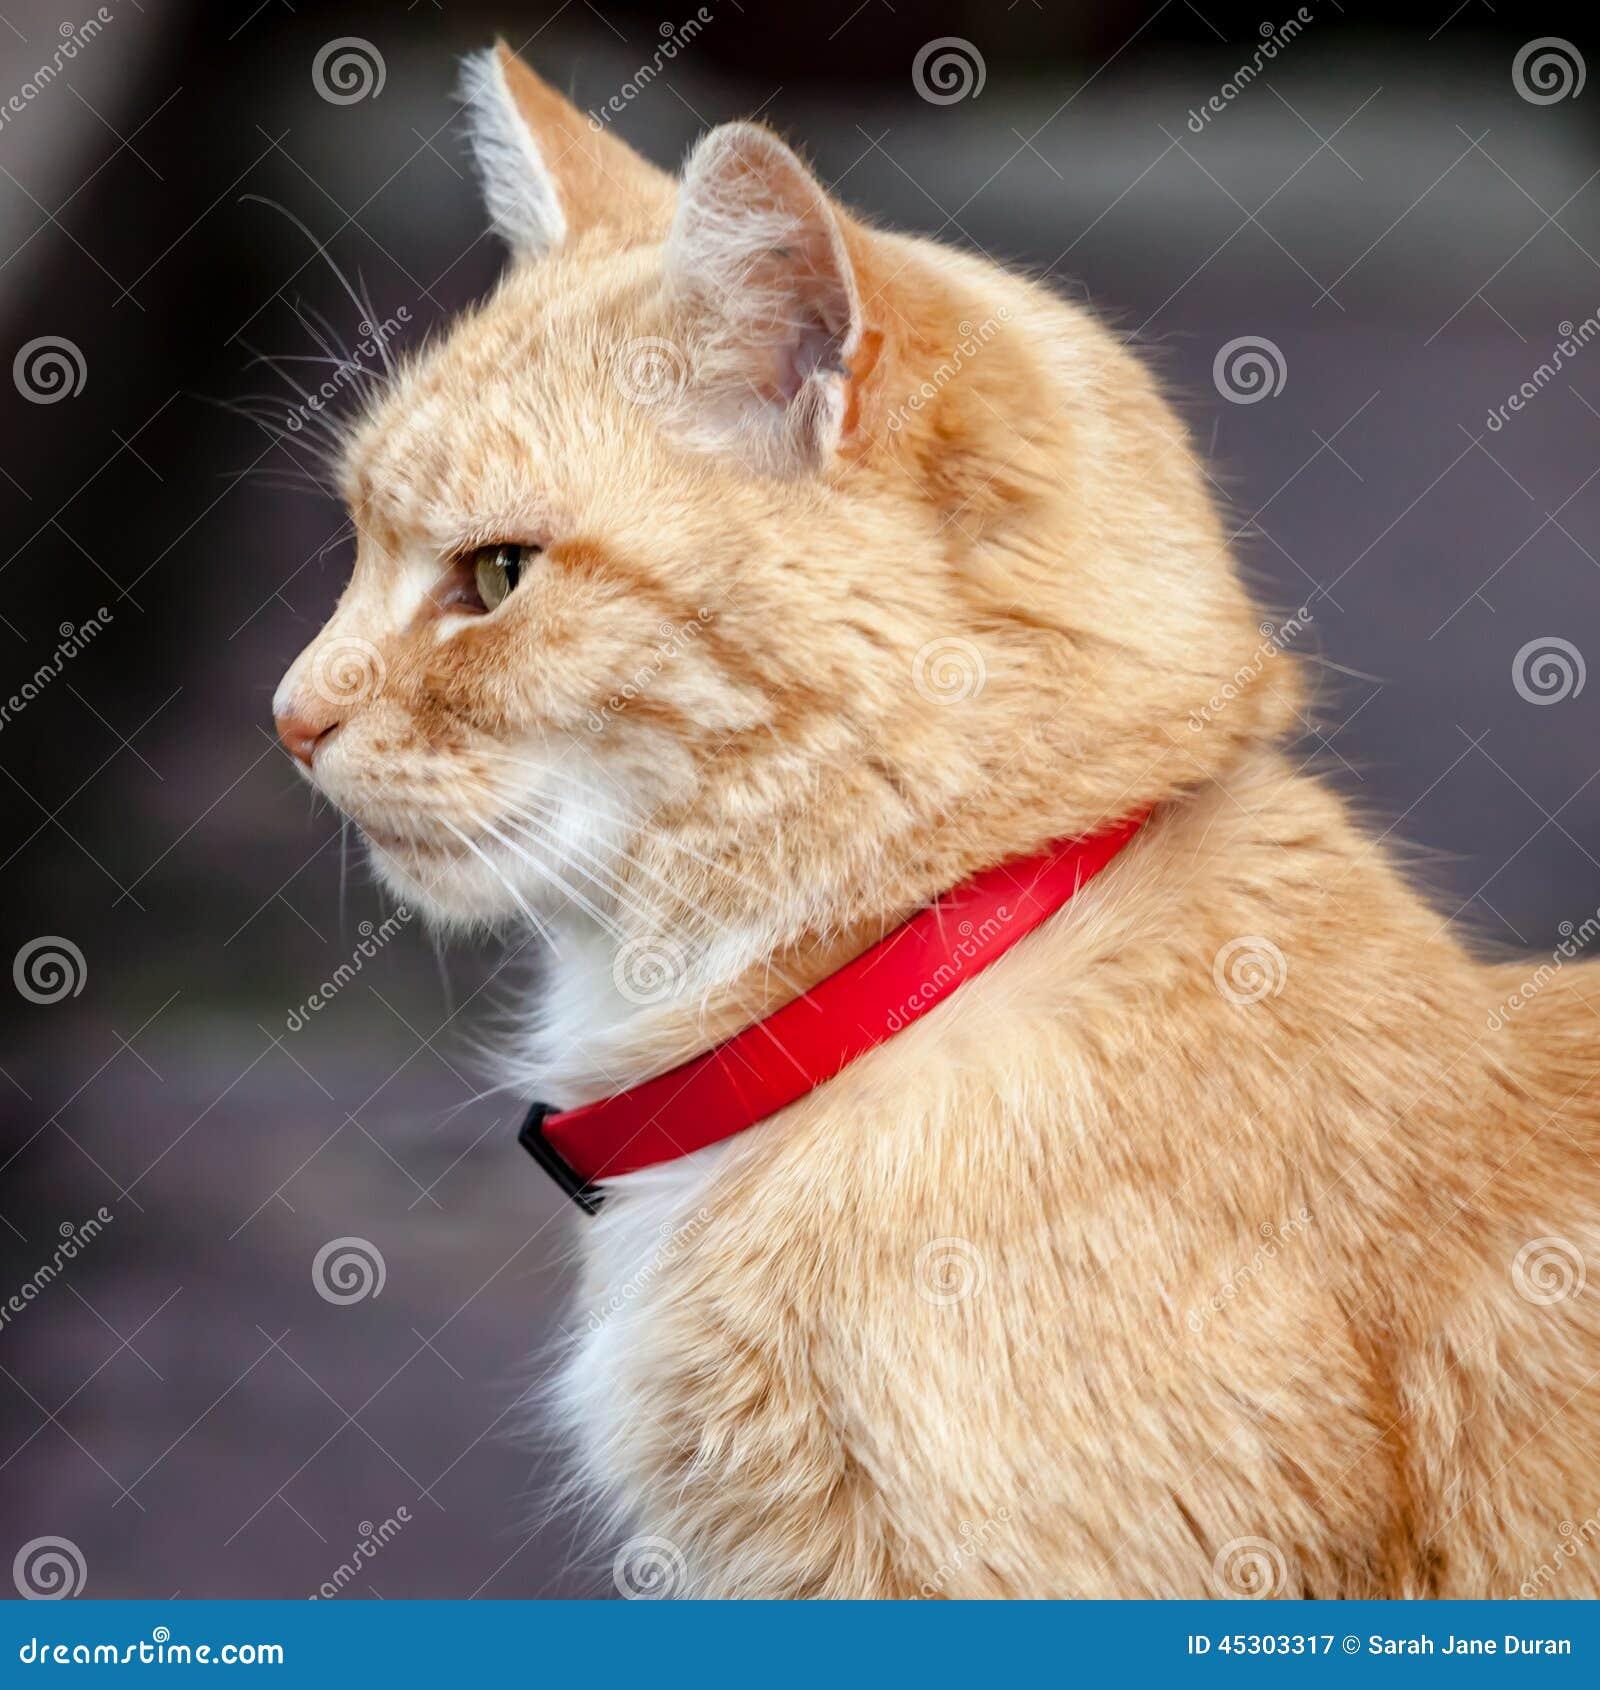 Allen S Ginger Cats